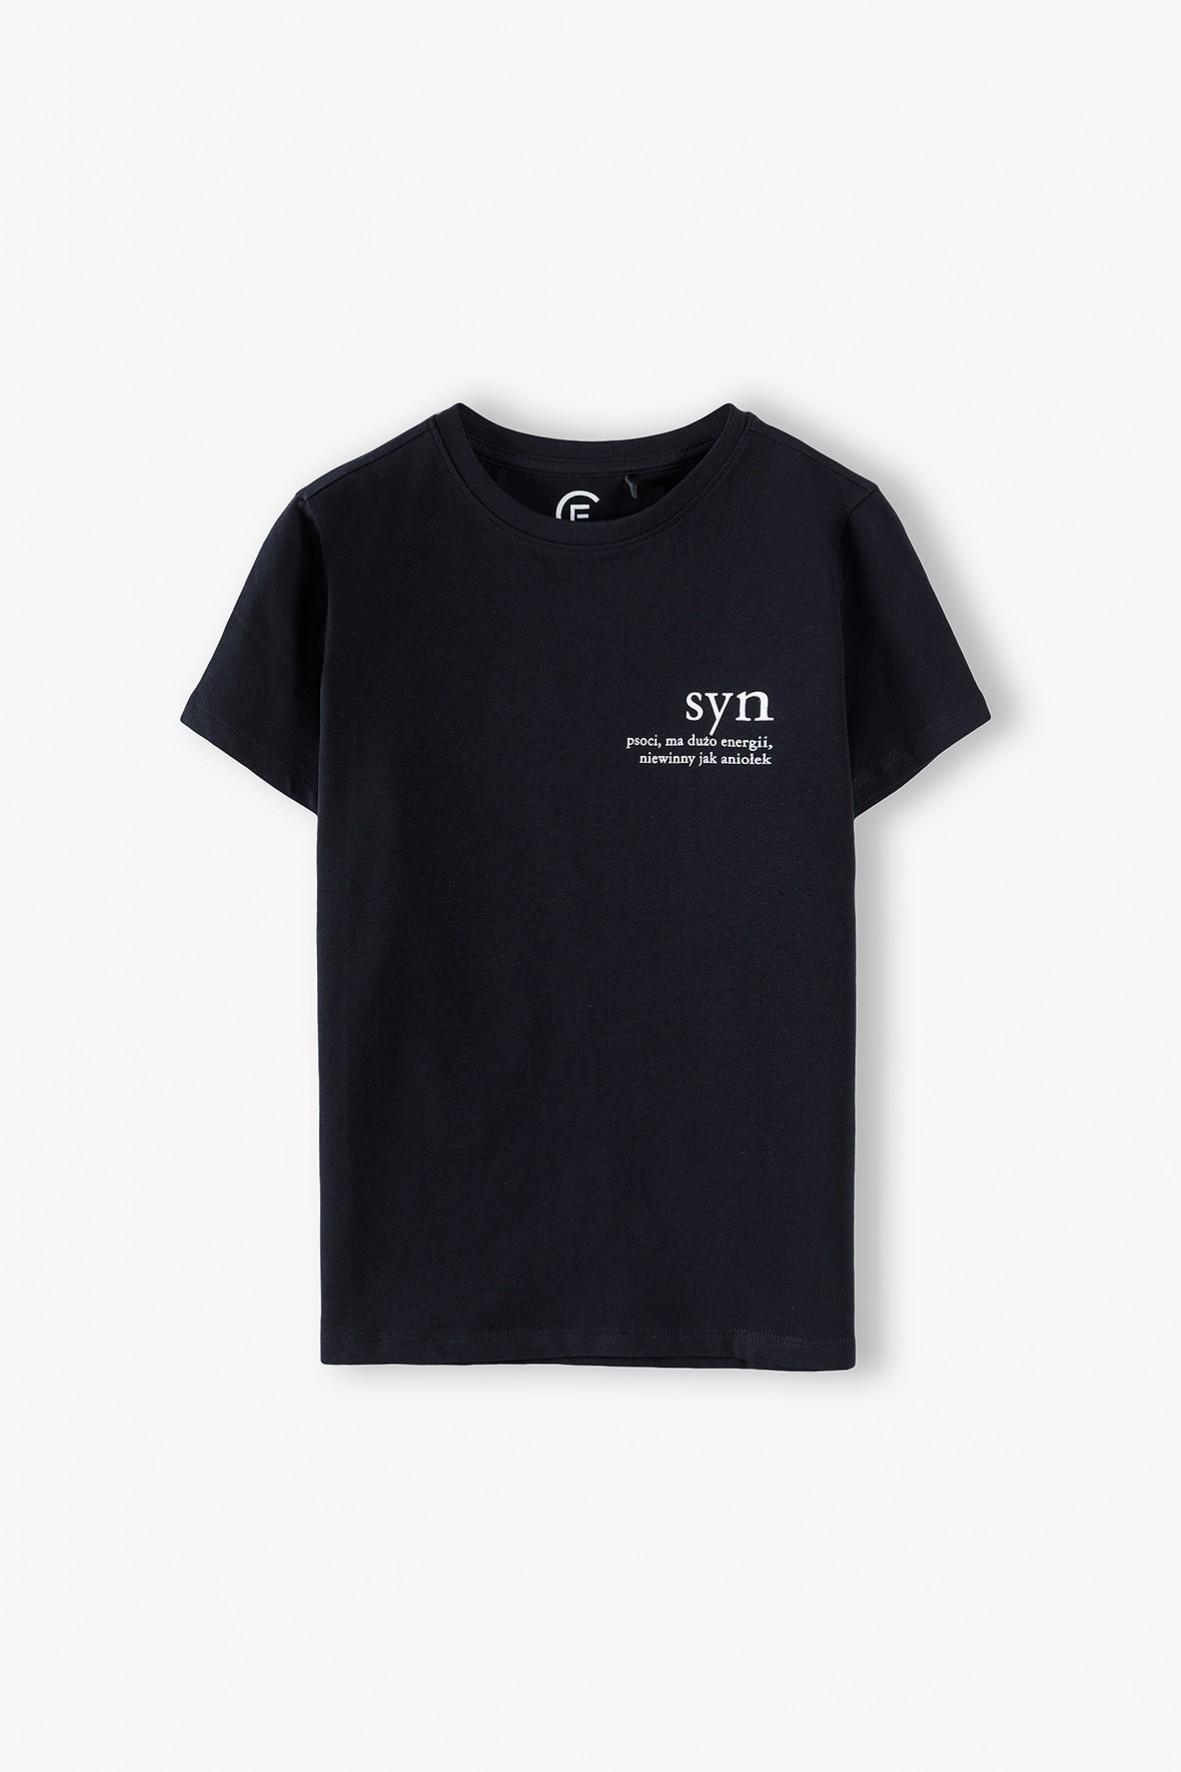 Bawełniany t-shirt chłopięcy SYN- ubrania dla rodziny